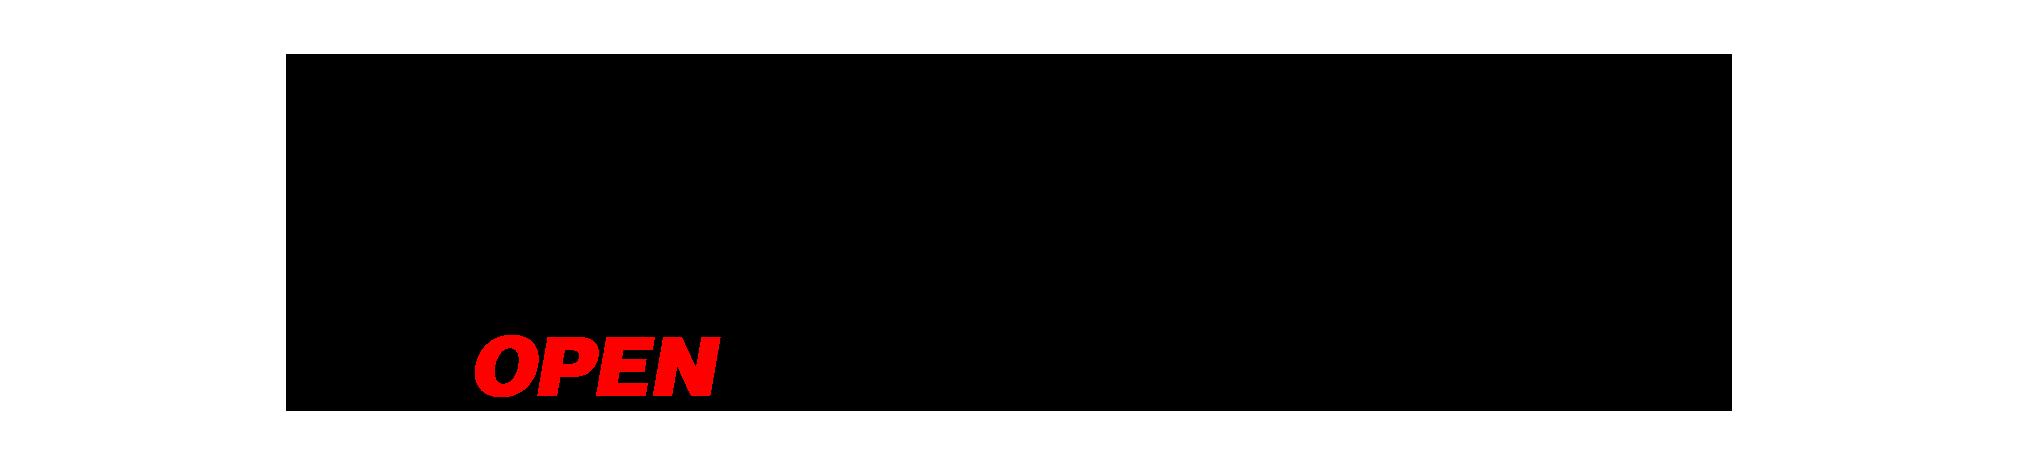 vm-add-1.png